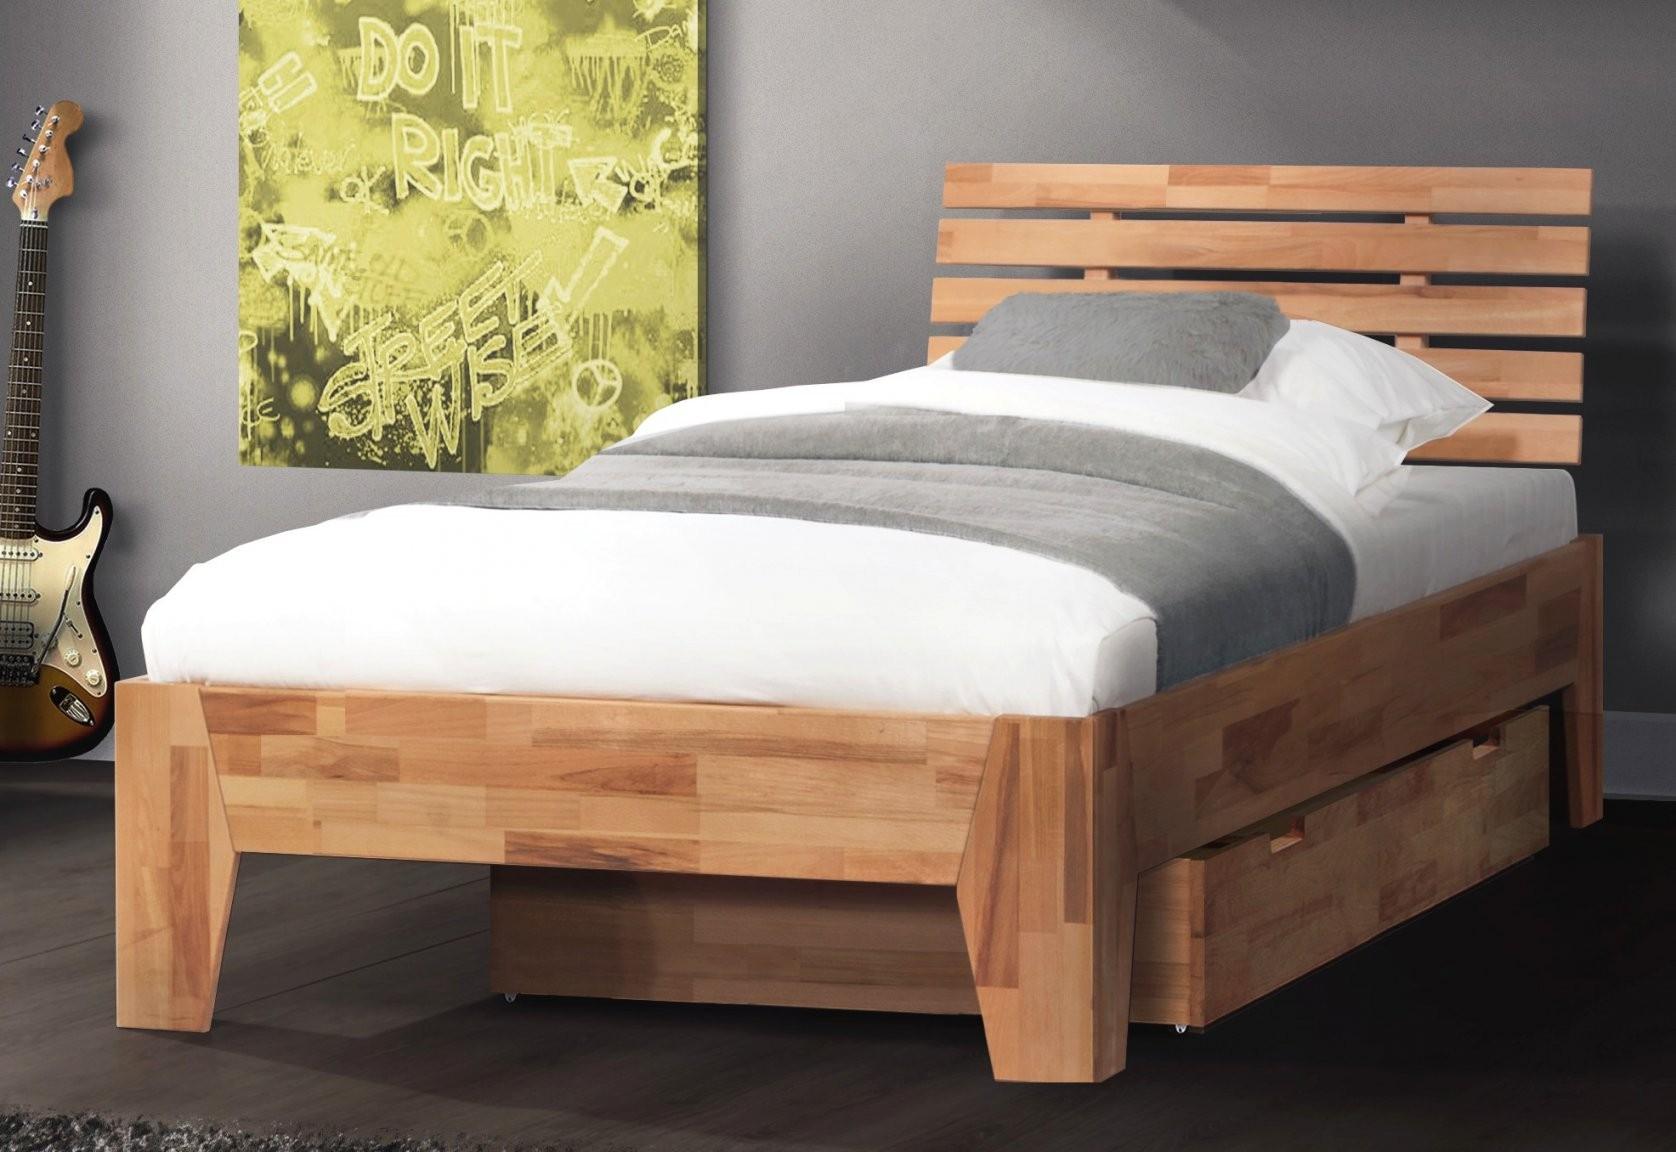 Betten Mit Matratze Und Lattenrost 140X200 Schockierend Auf Kreative von Betten Mit Matratze Und Lattenrost Günstig Kaufen Bild